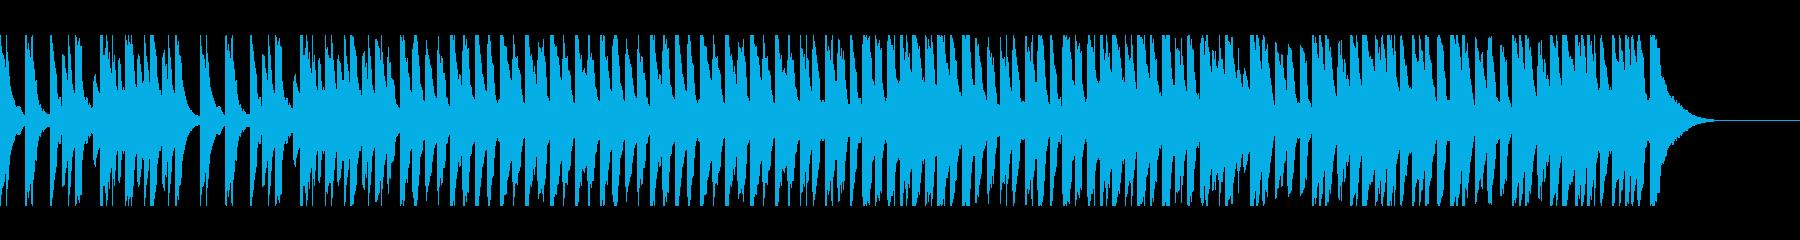 幸せなピアノソロの再生済みの波形